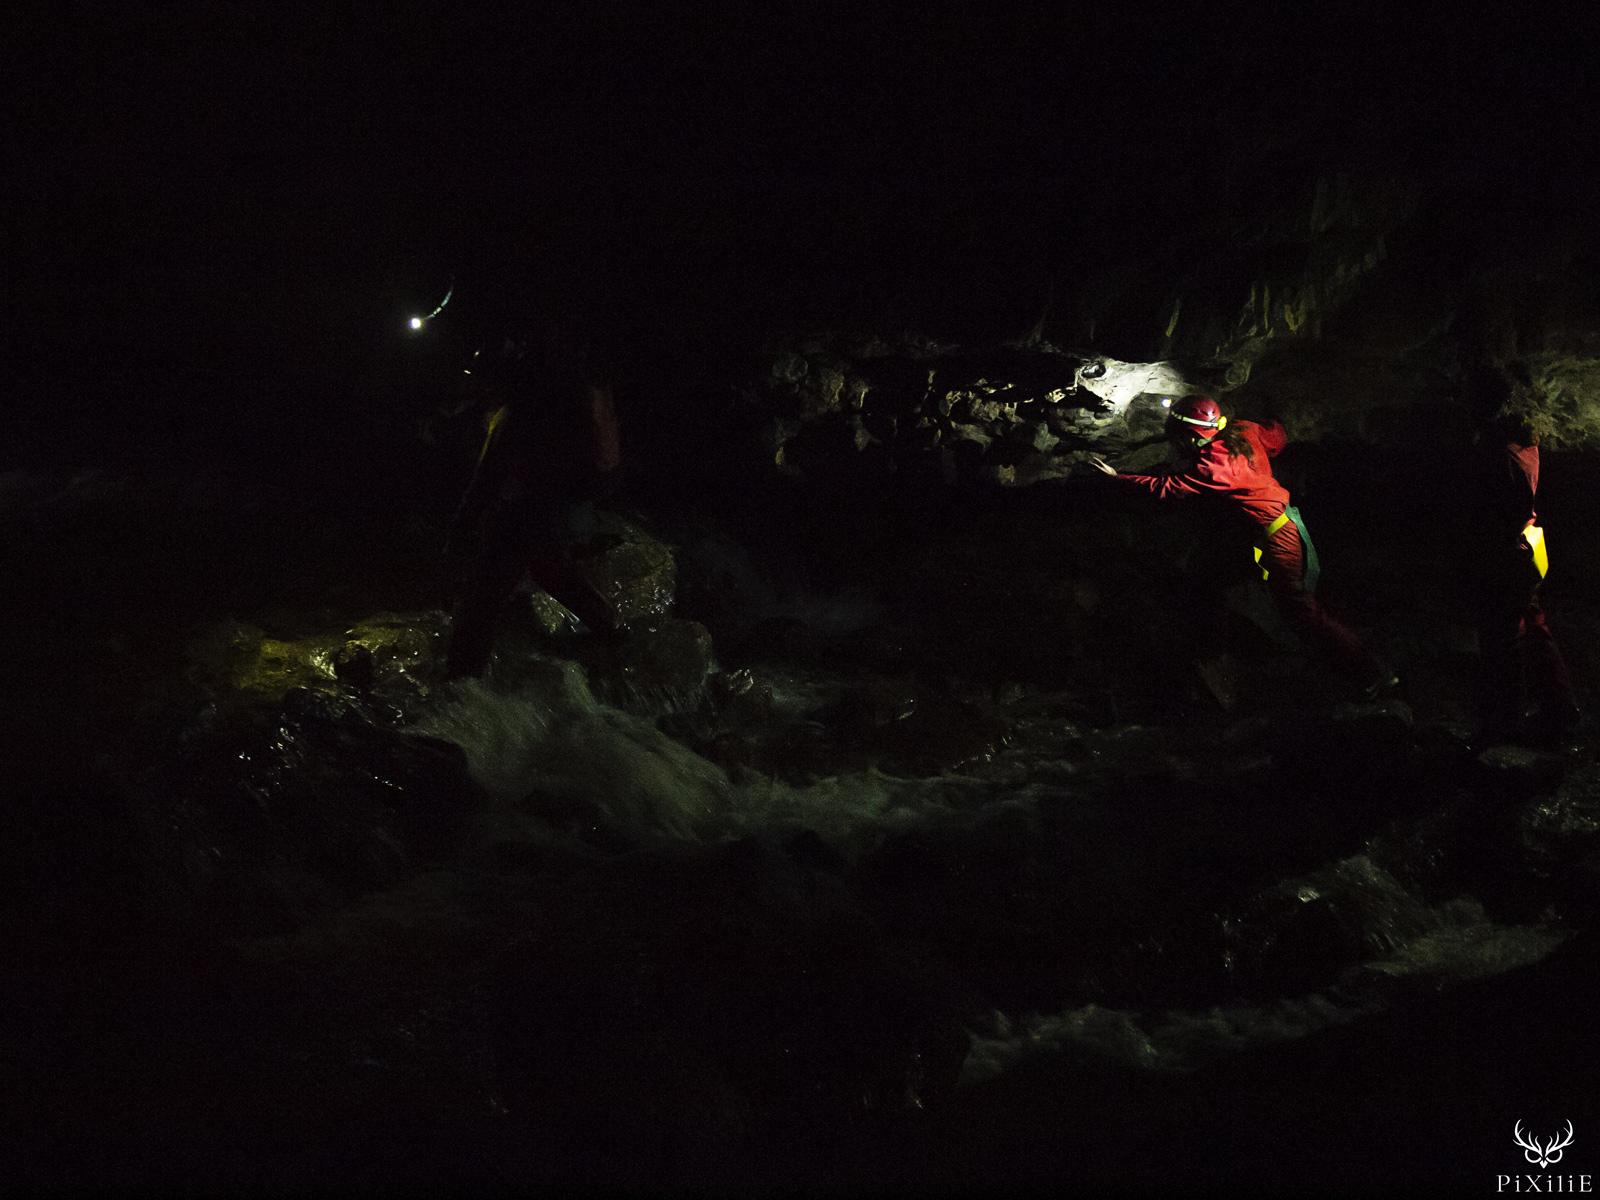 Photographie spéléologie - Pixilie